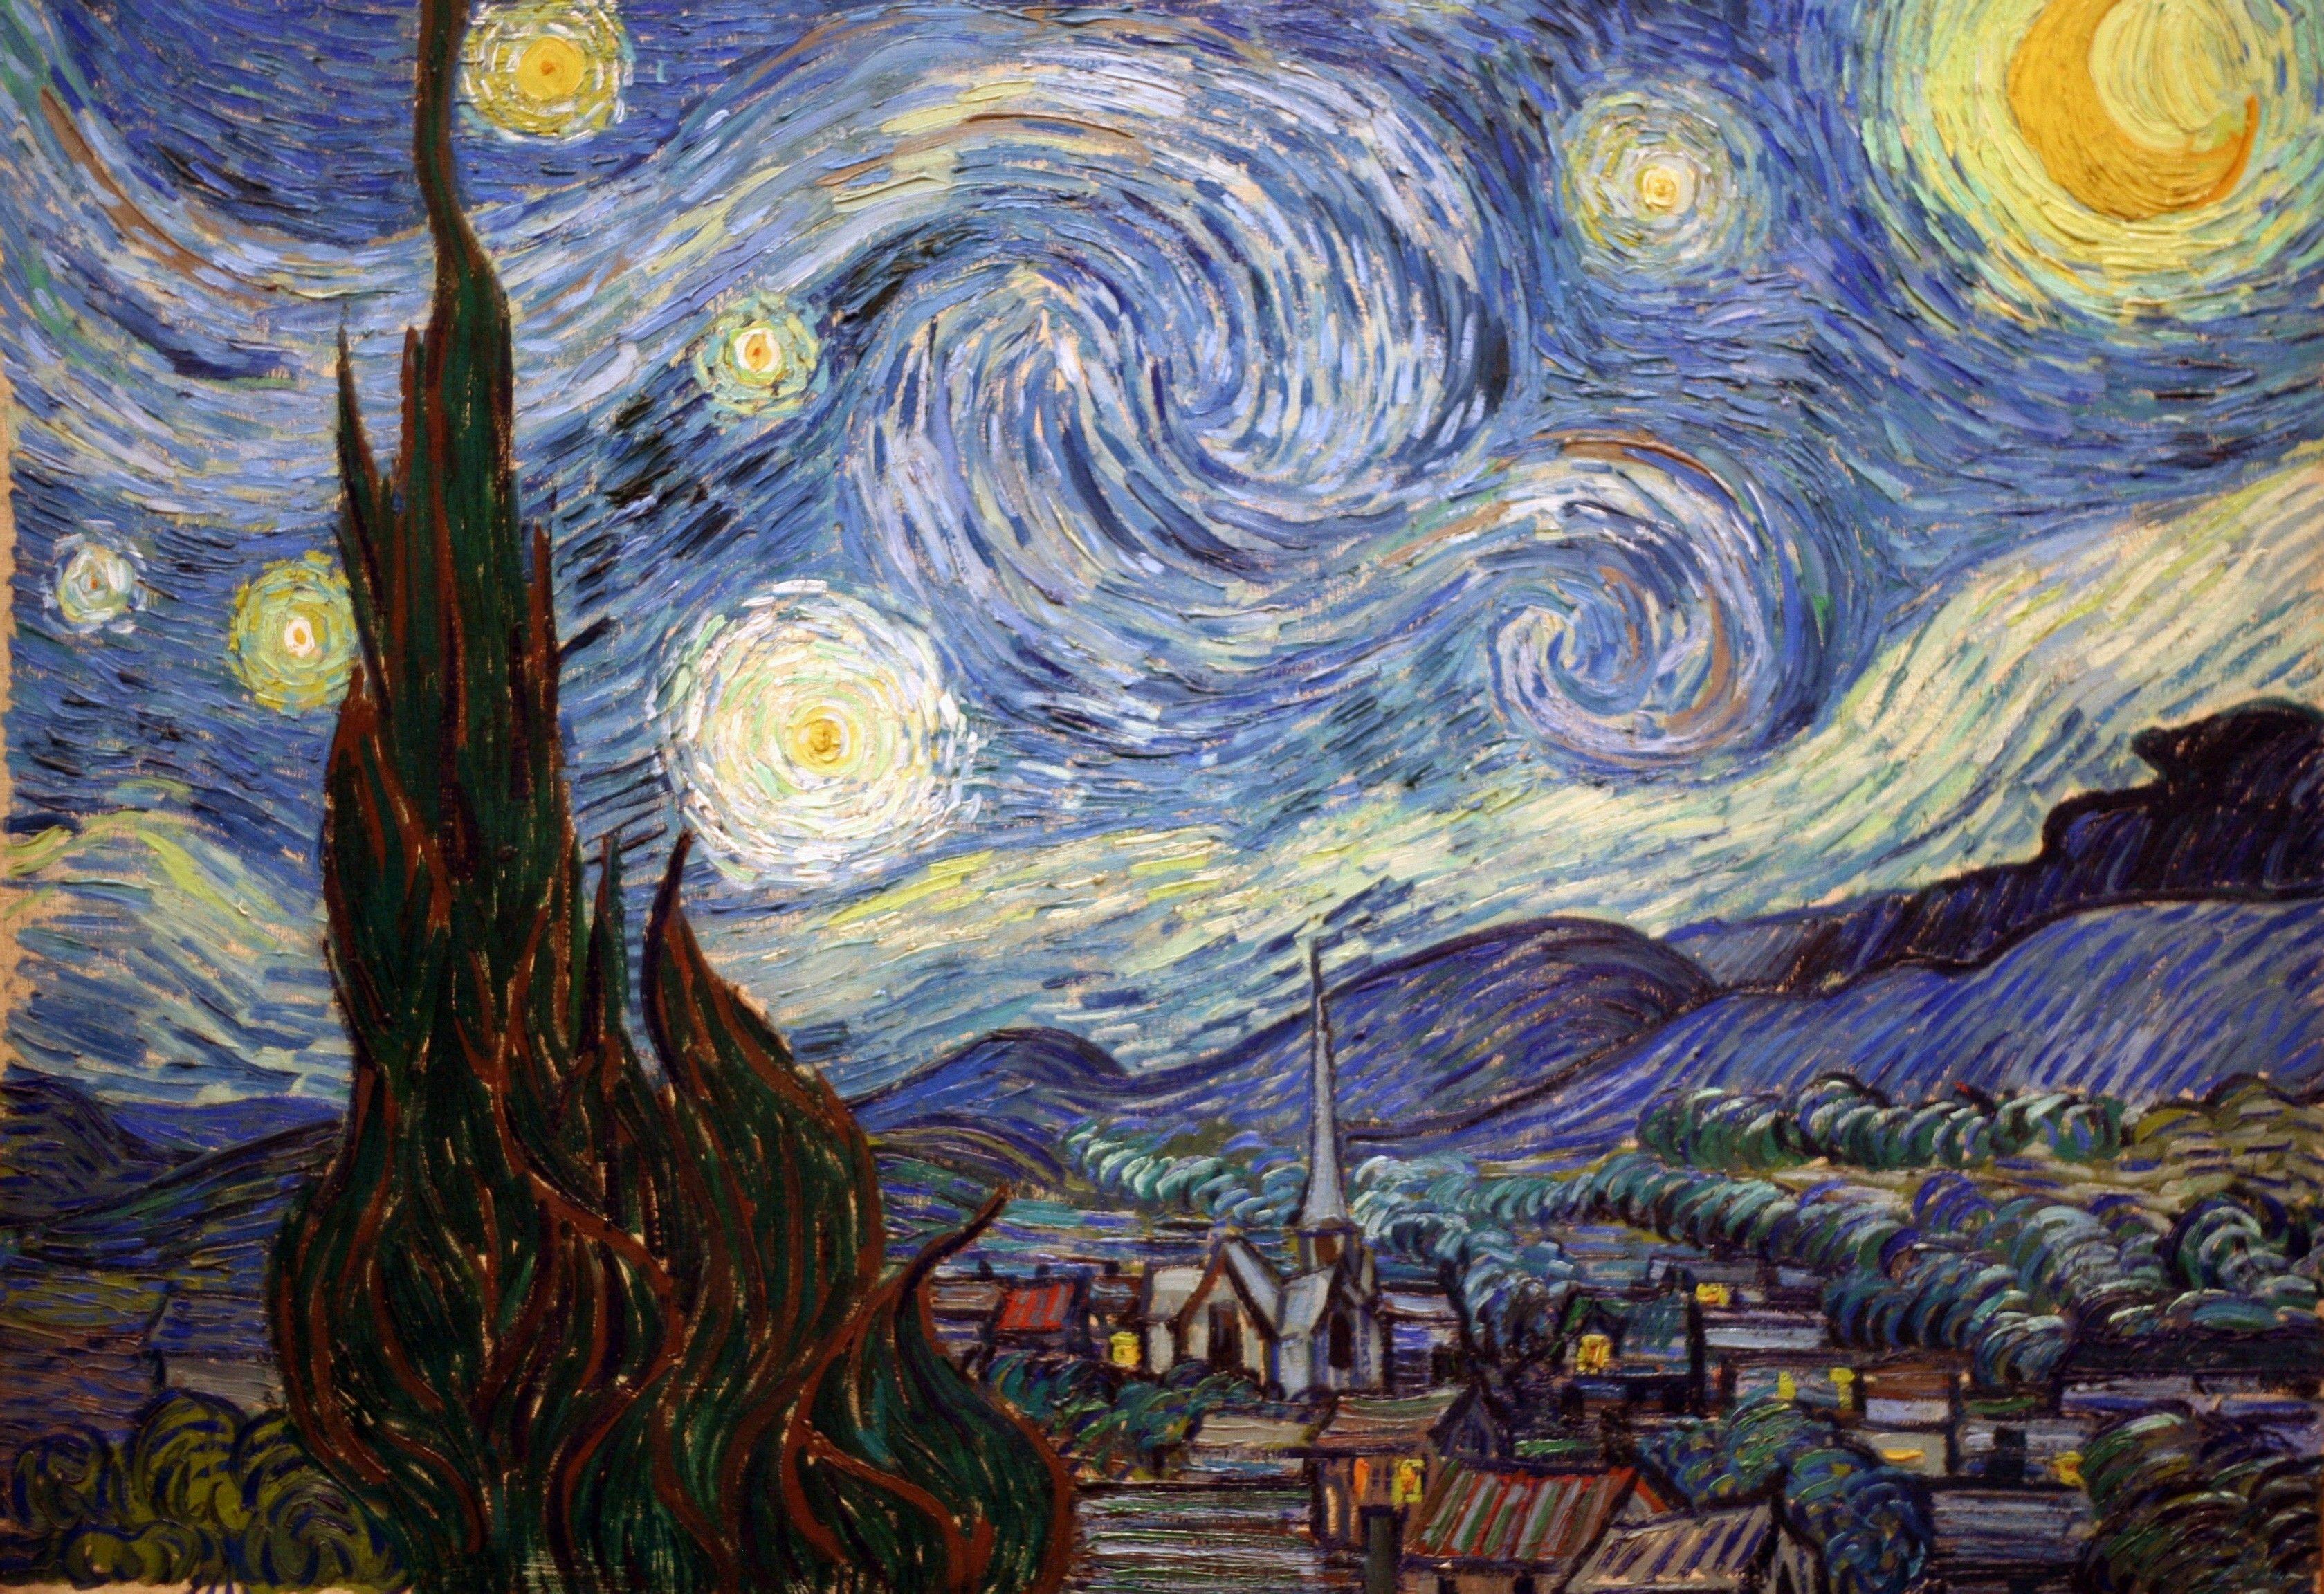 求安卓壁纸里面梵高《星空》原图图片